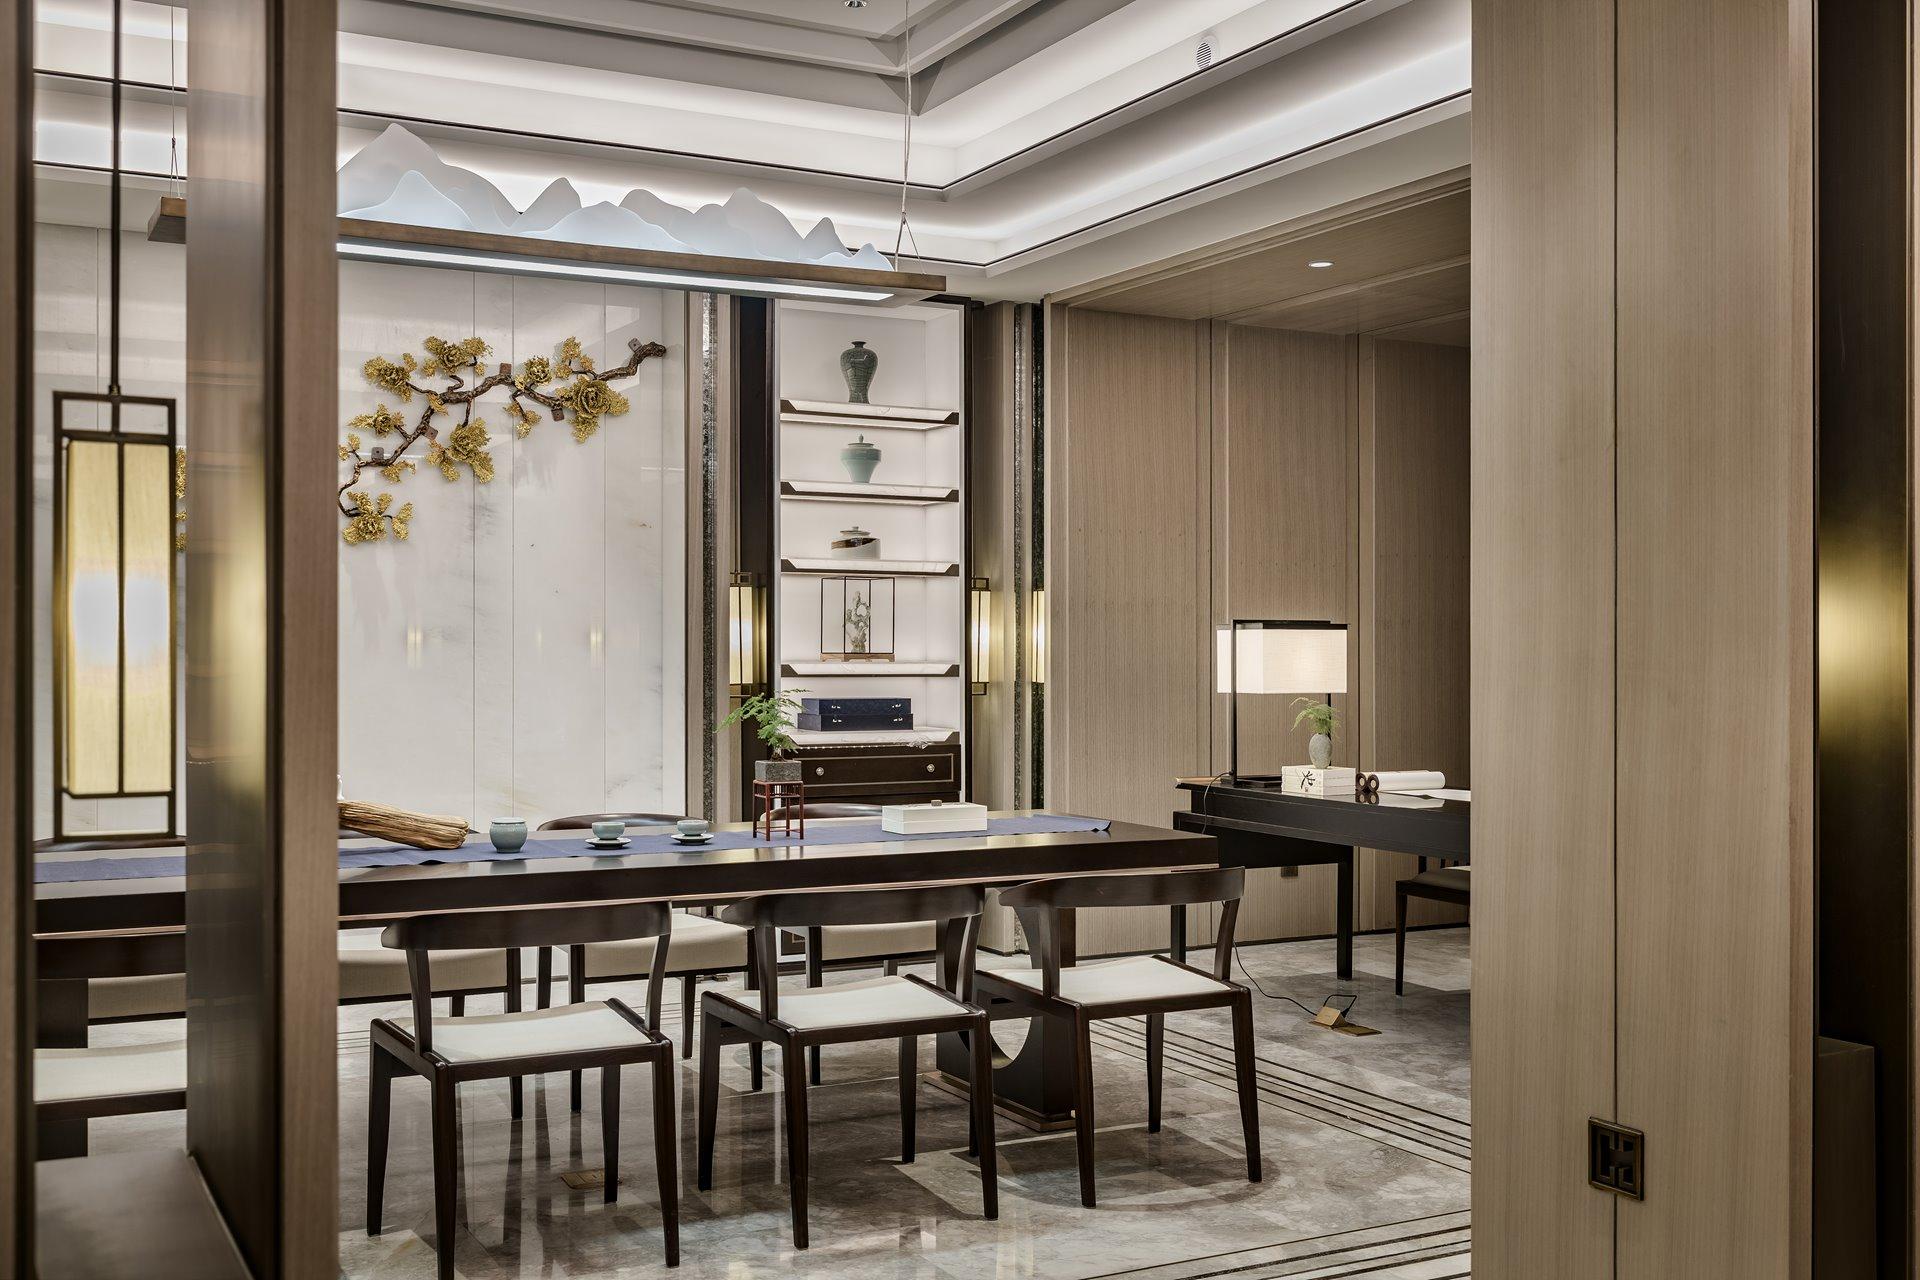 御翠园 别墅装修 新中式风格 腾龙设计 客厅图片来自孔继民在中式风格设计方案展示案例展示的分享